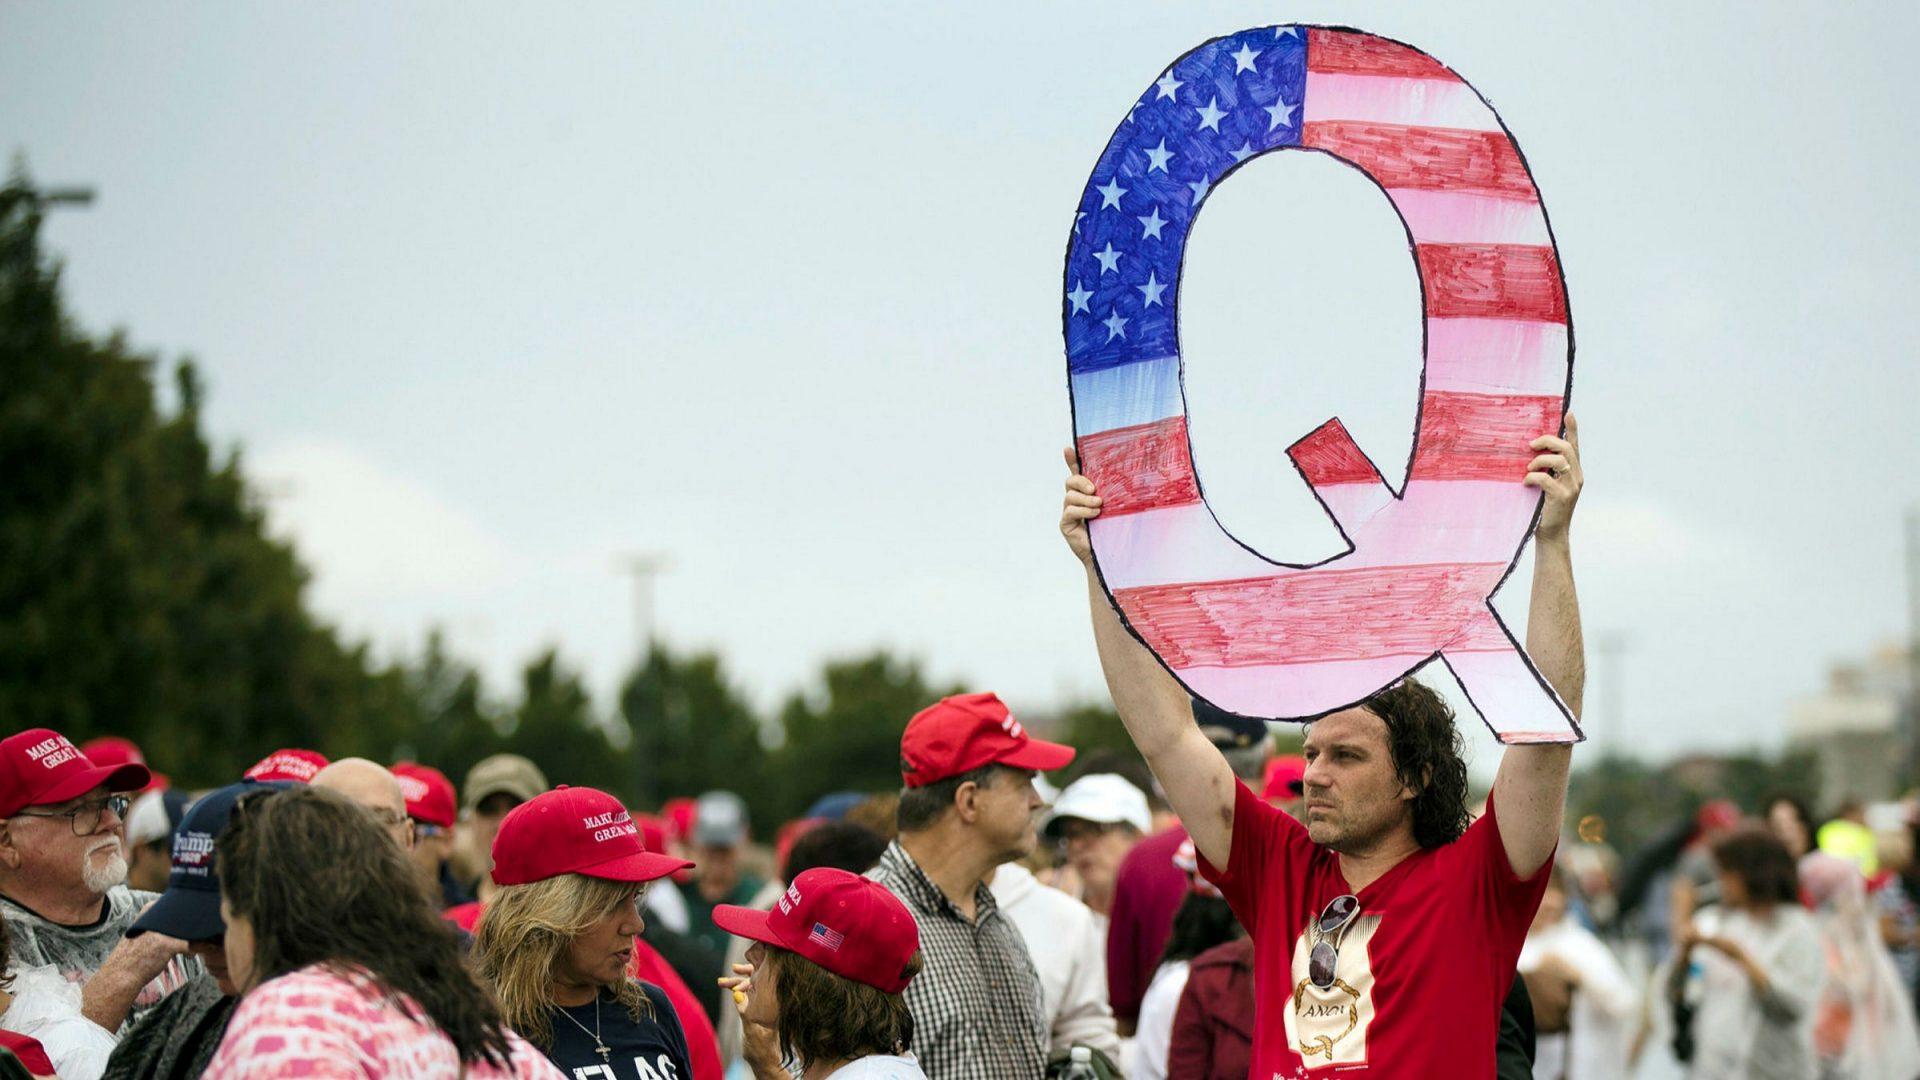 Walmart și Amazon au susținut financiar campania unui legiuitor care promovează teorii QAnon